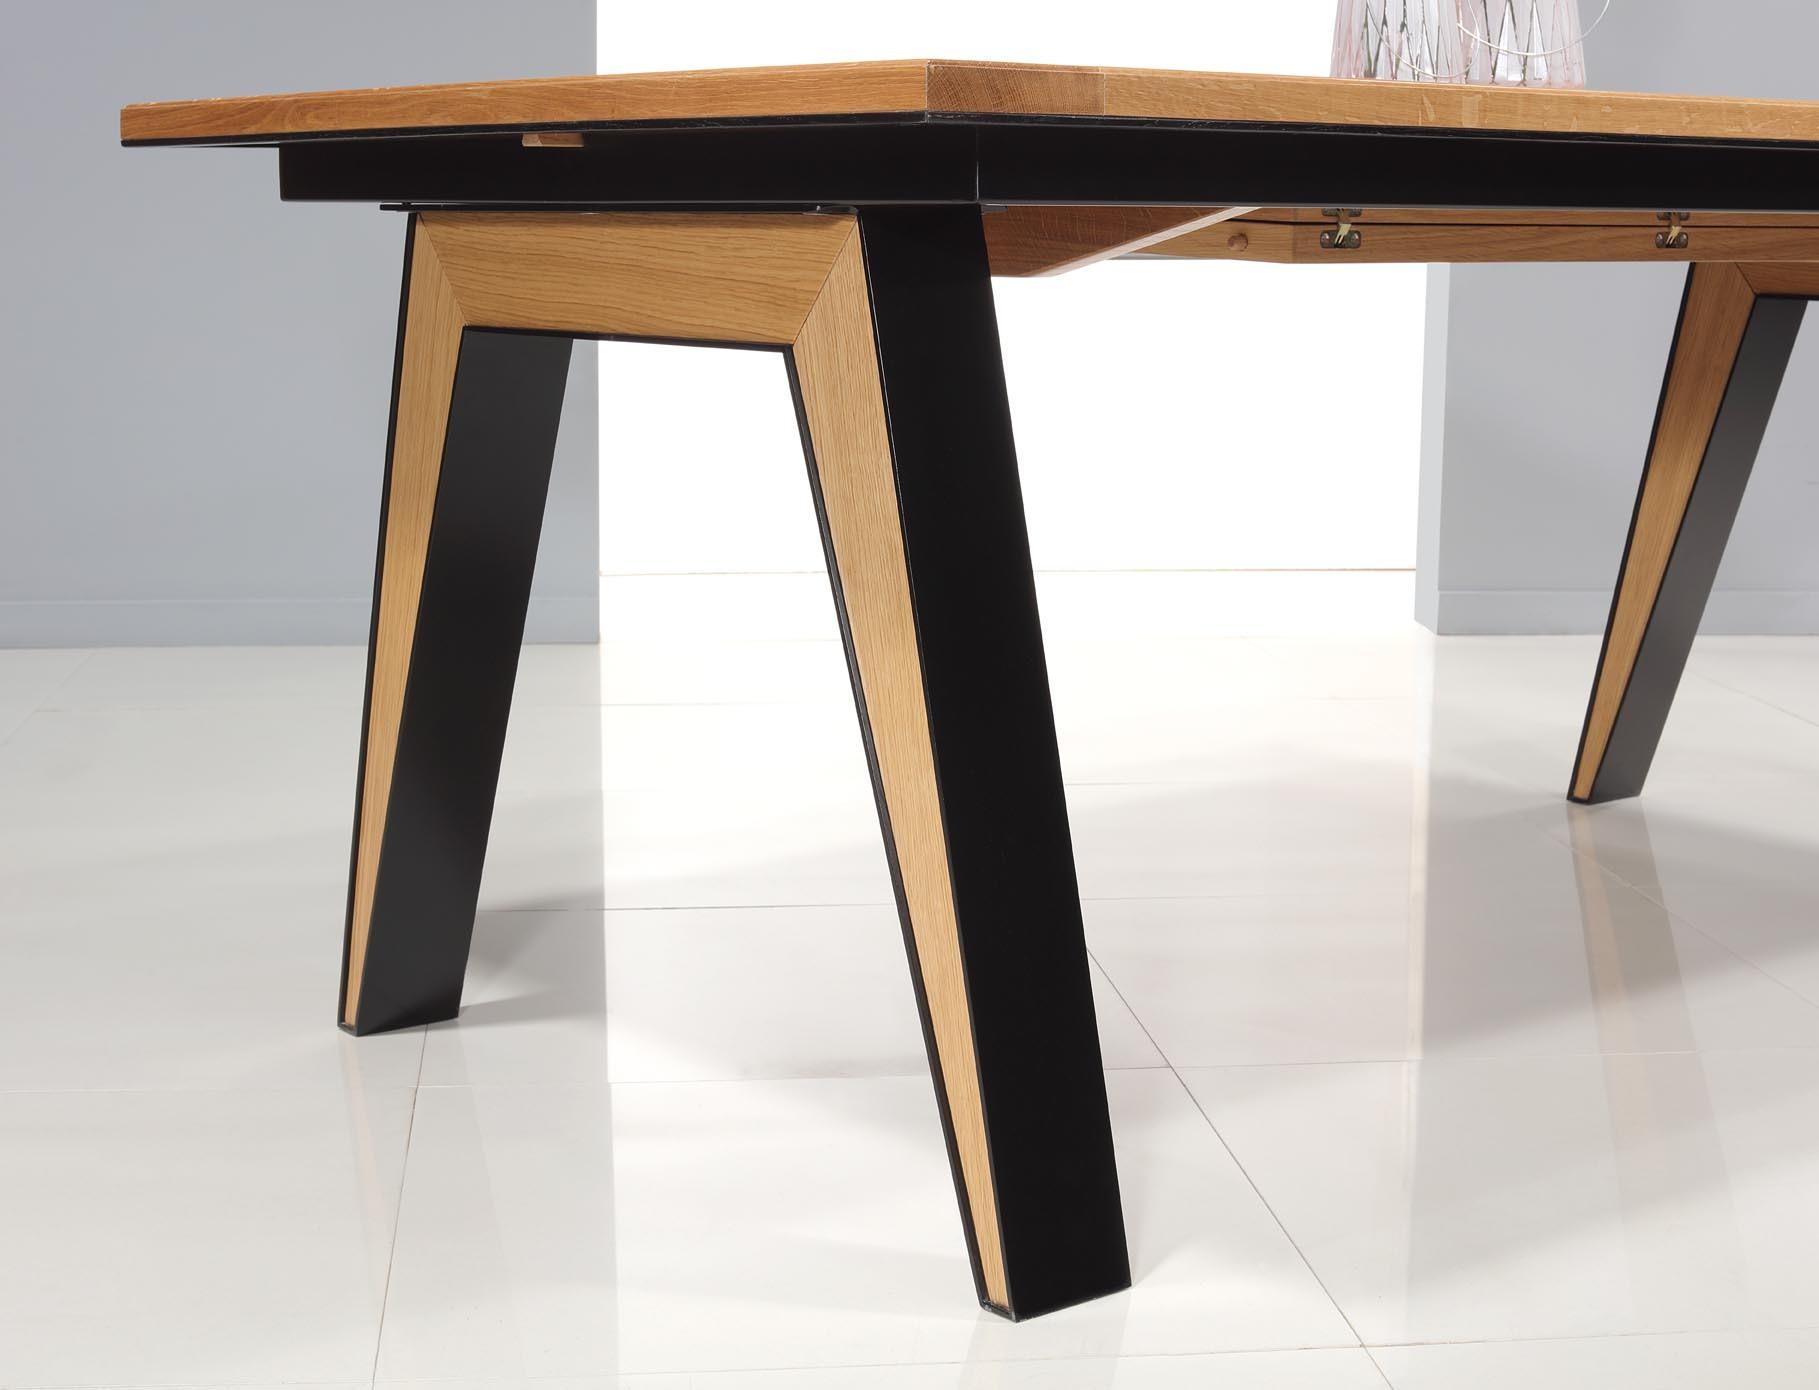 Table rectangulaire 180x100 en ch ne massif 1 allonge - Pied de table 90 cm ...